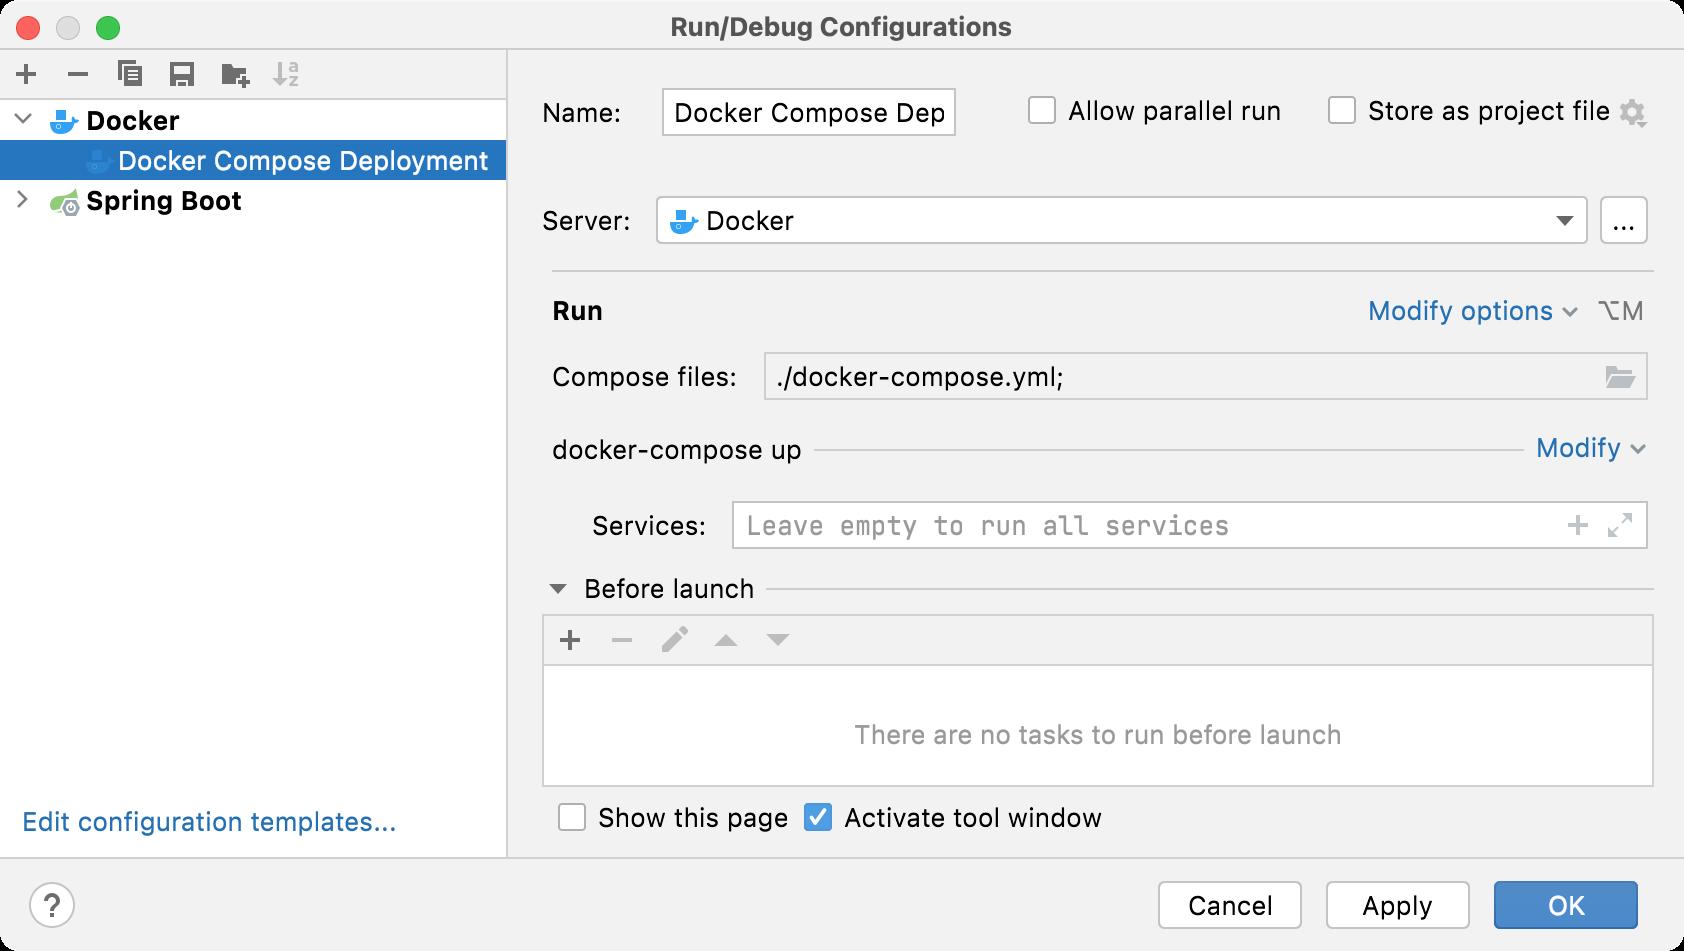 Docker Compose run configuration dialog